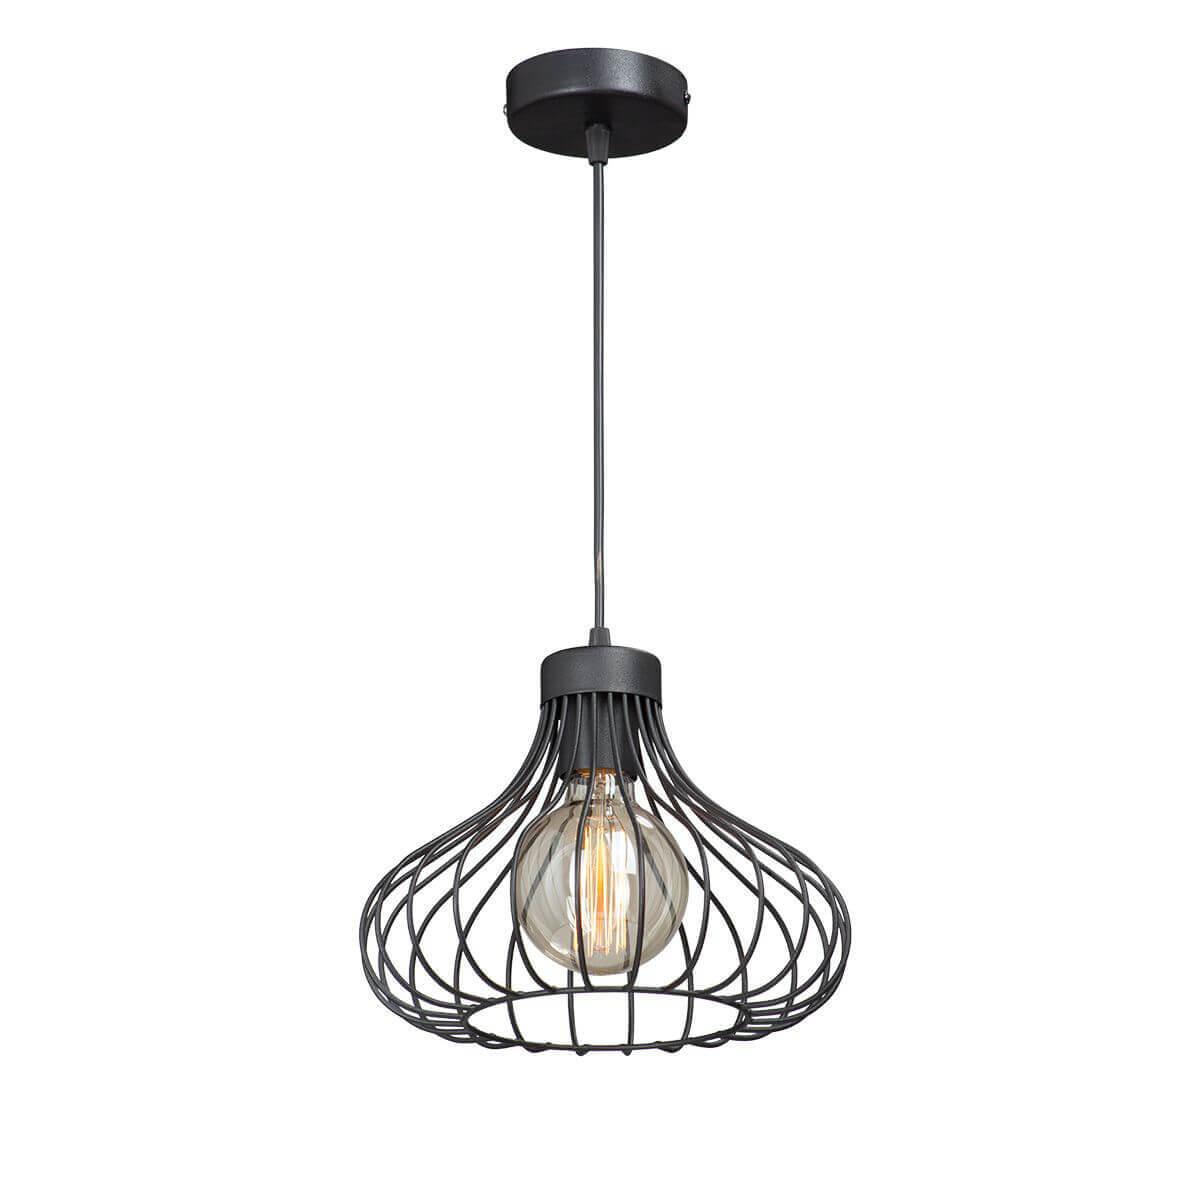 Подвесной светильник Vitaluce V4173-1/1S цена и фото